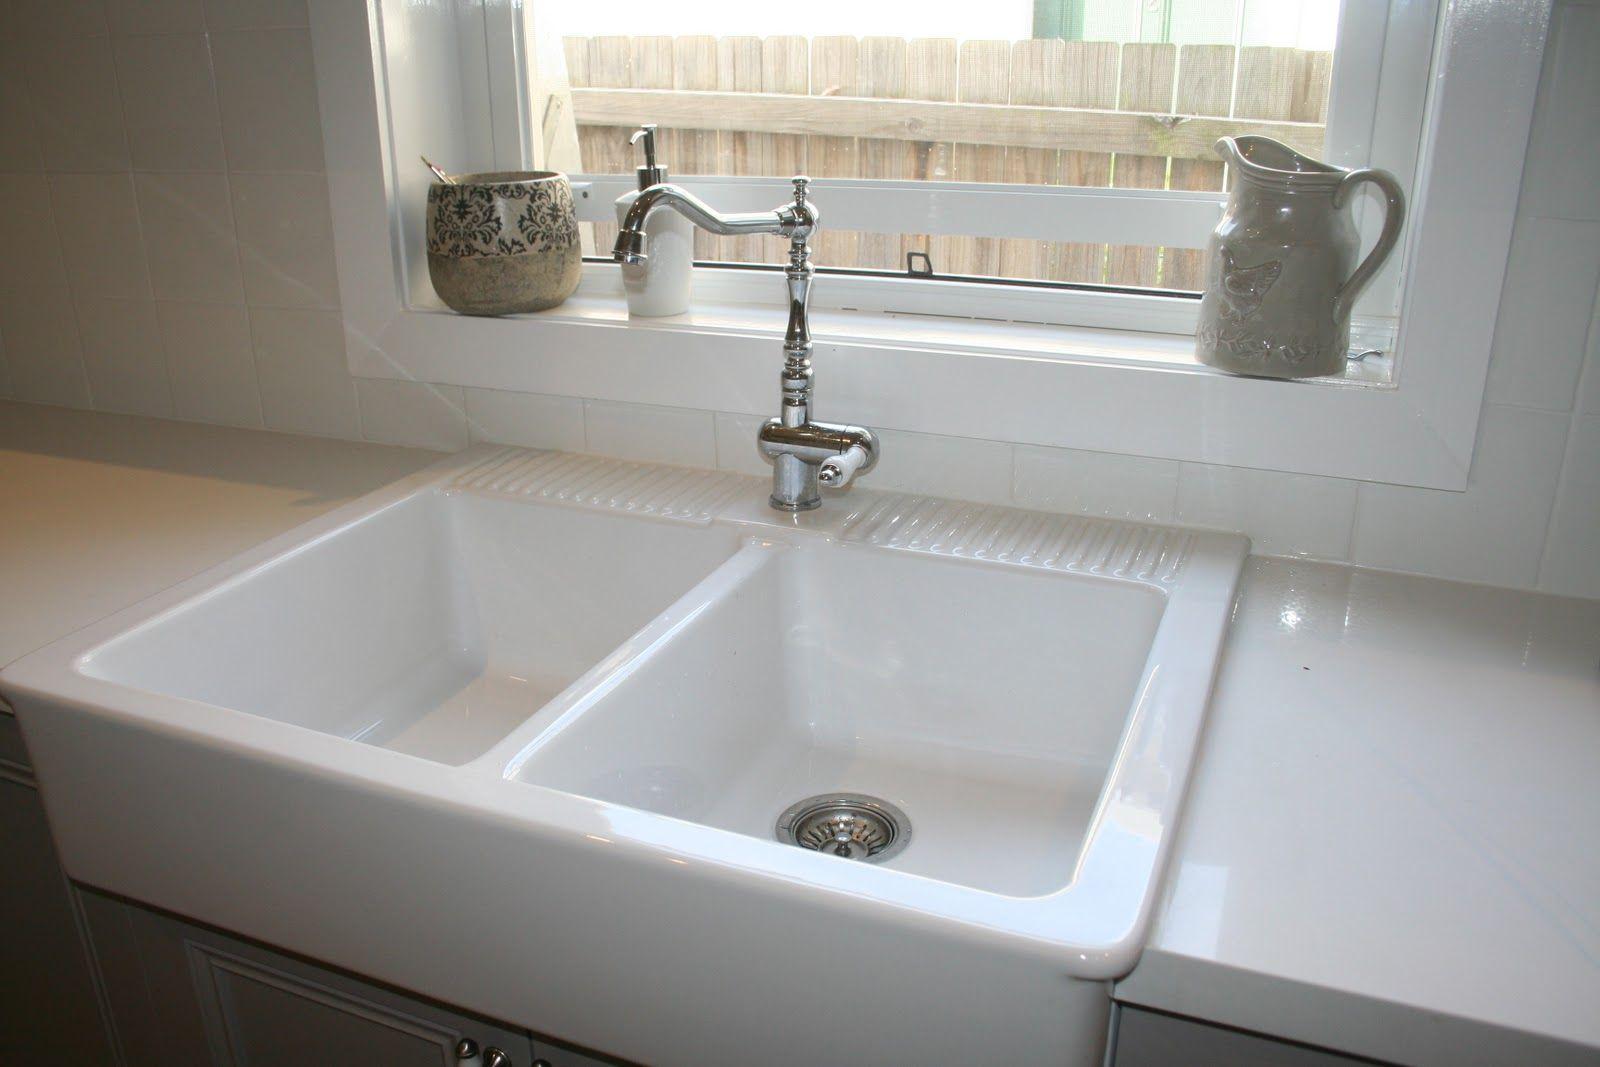 Canada Ikea Farmhouse Sink 43430 Ikea Farmhouse Sink Ikea Farm Sink Ikea Kitchen Sink